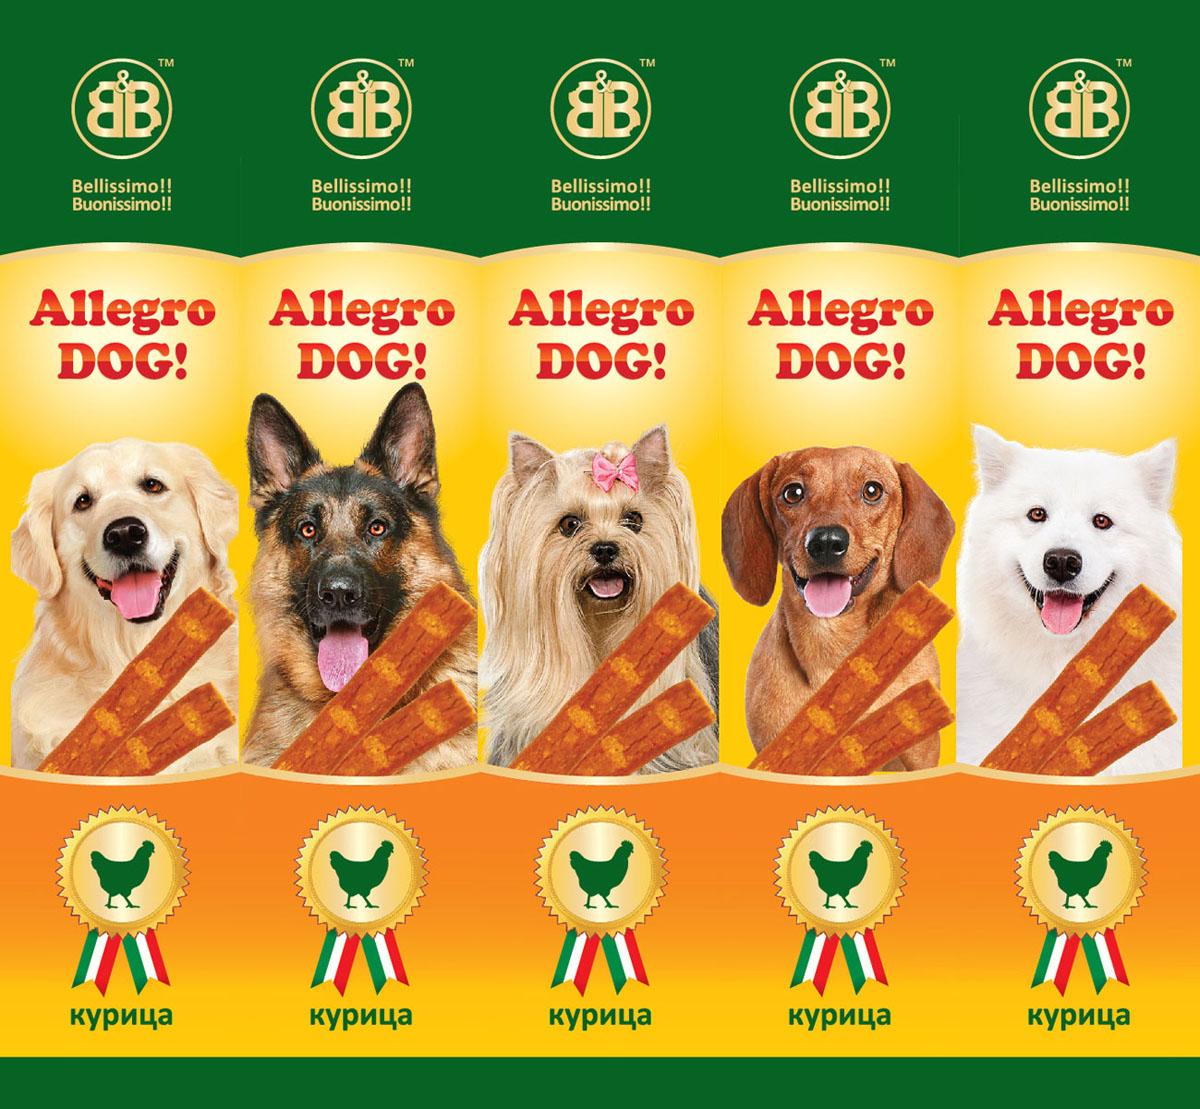 Лакомство для собак B&B Колбаски Allegro Dog, курица, 5х10 г36448Лакомство для собак B&B Колбаски Allegro Dog - это вкусное и здоровое угощение с большим содержанием мяса, которое придется по вкусу даже самому капризному любимцу. Колбаски идеально подходят в качестве поощрения для игр и тренировок. Состав: мясо и продукты животного происхождения (мин 95% из которых 10% курица), минеральные соли. Пищевая ценность: протеин 33,5%, жиры 20%, зола 9%, клетчатка 2%, влажность 28%. Товар сертифицирован.